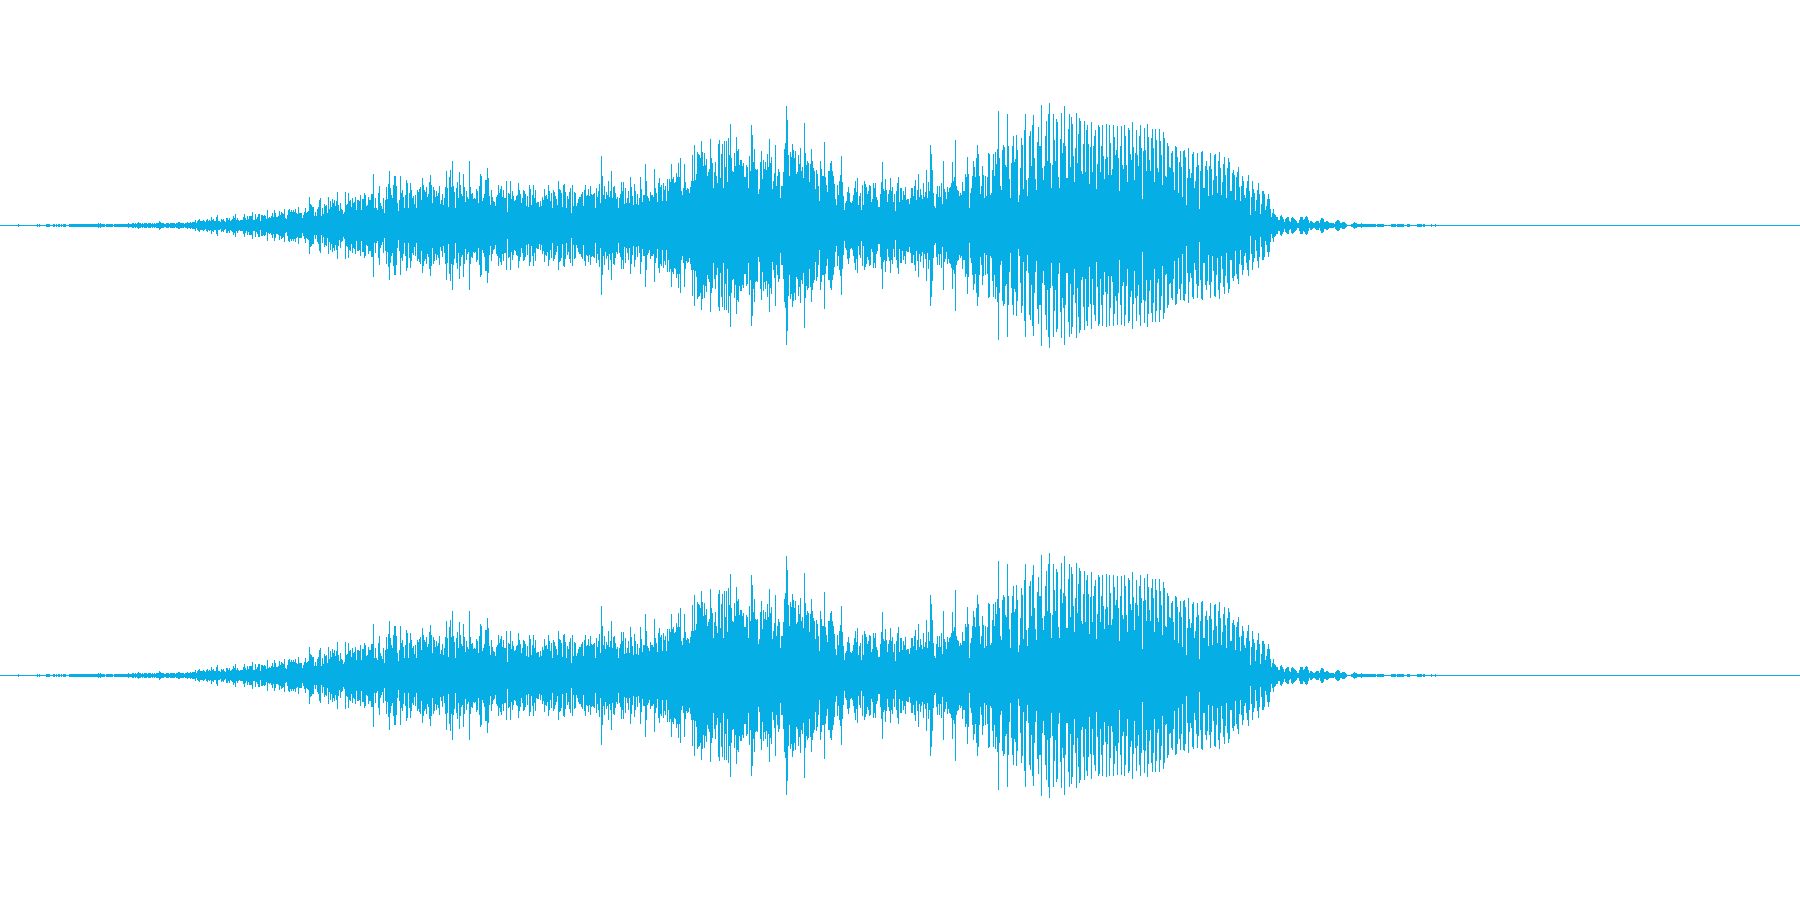 せい!! - 男性和風掛け声の再生済みの波形